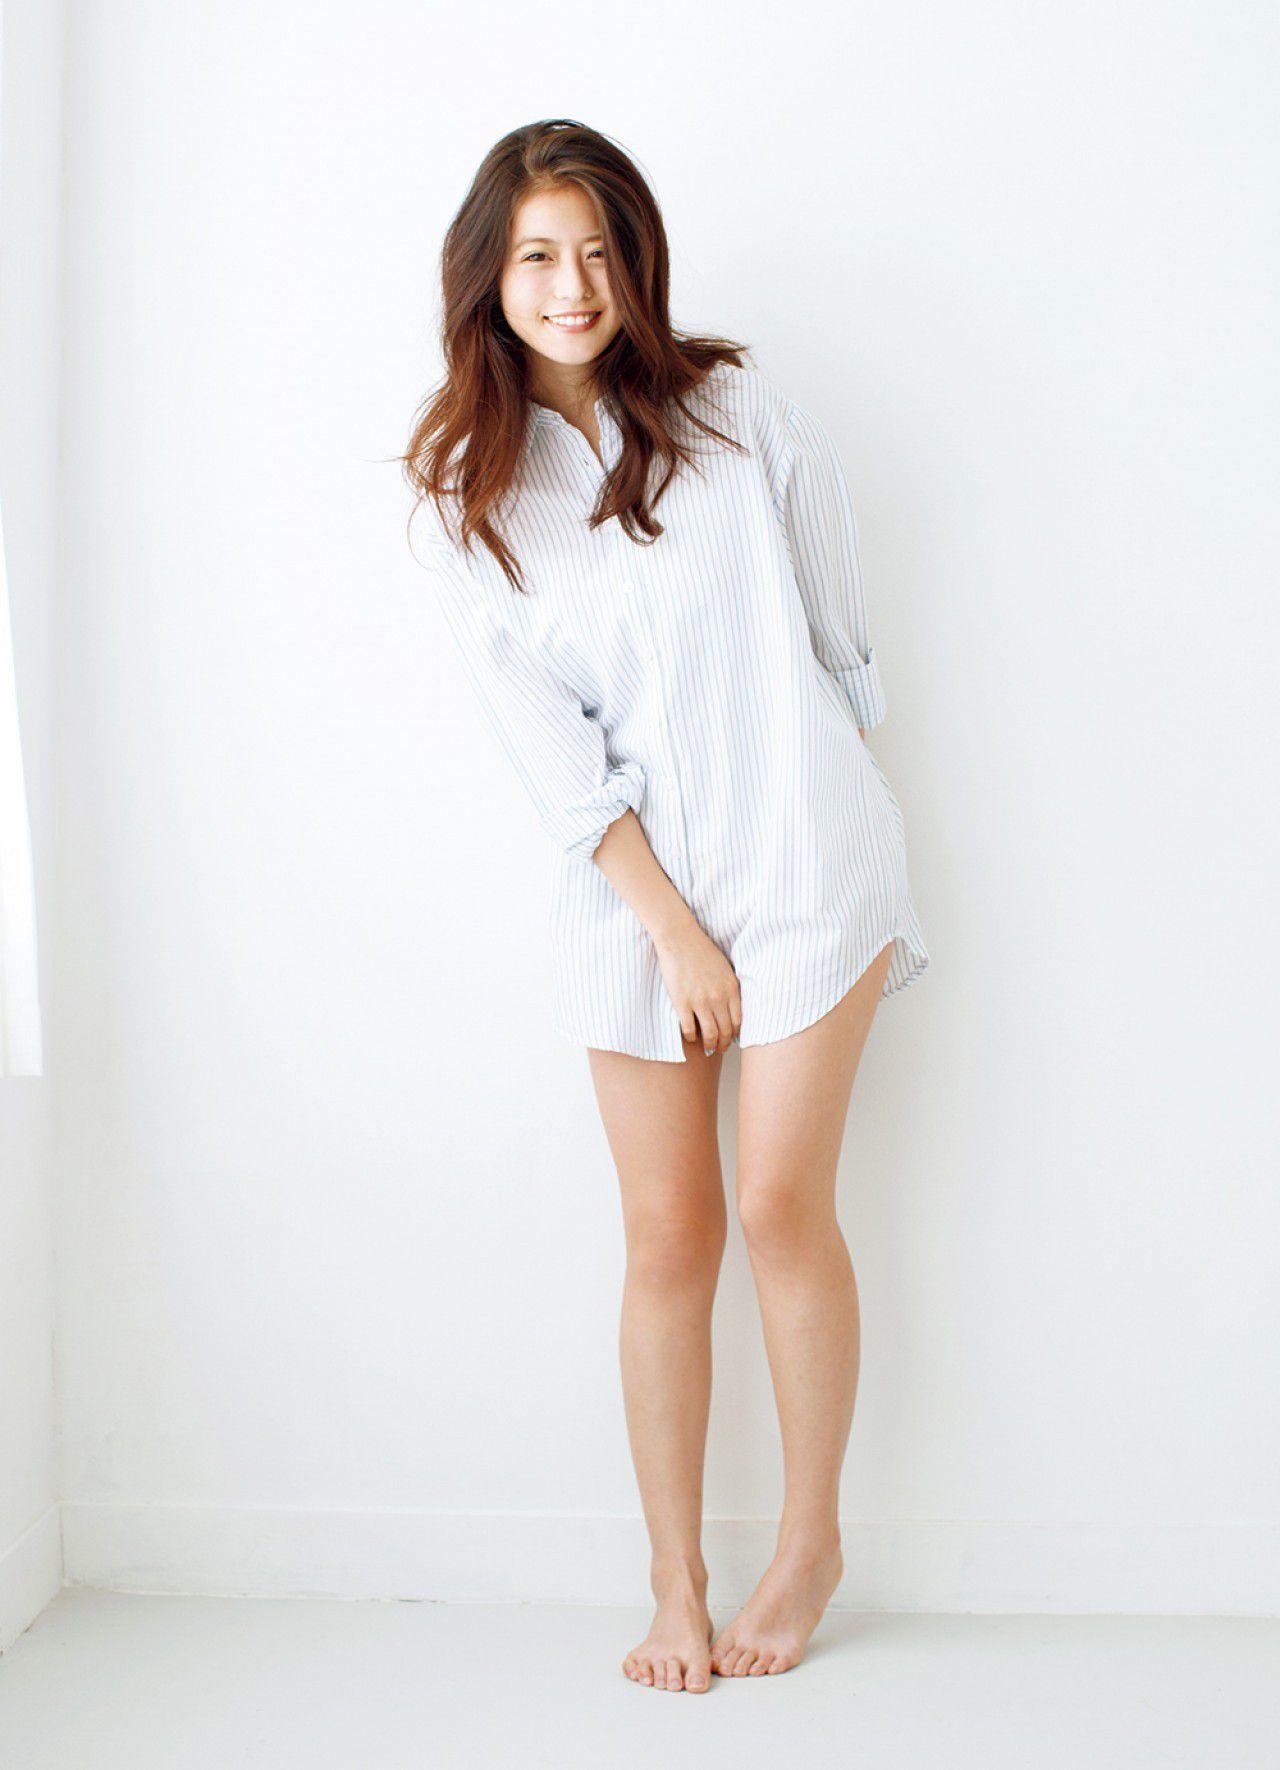 VOL.682 [FRIDAY]阳光日本萌妹子少女:今田美樱(今田美桜)超高清写真套图(12P)